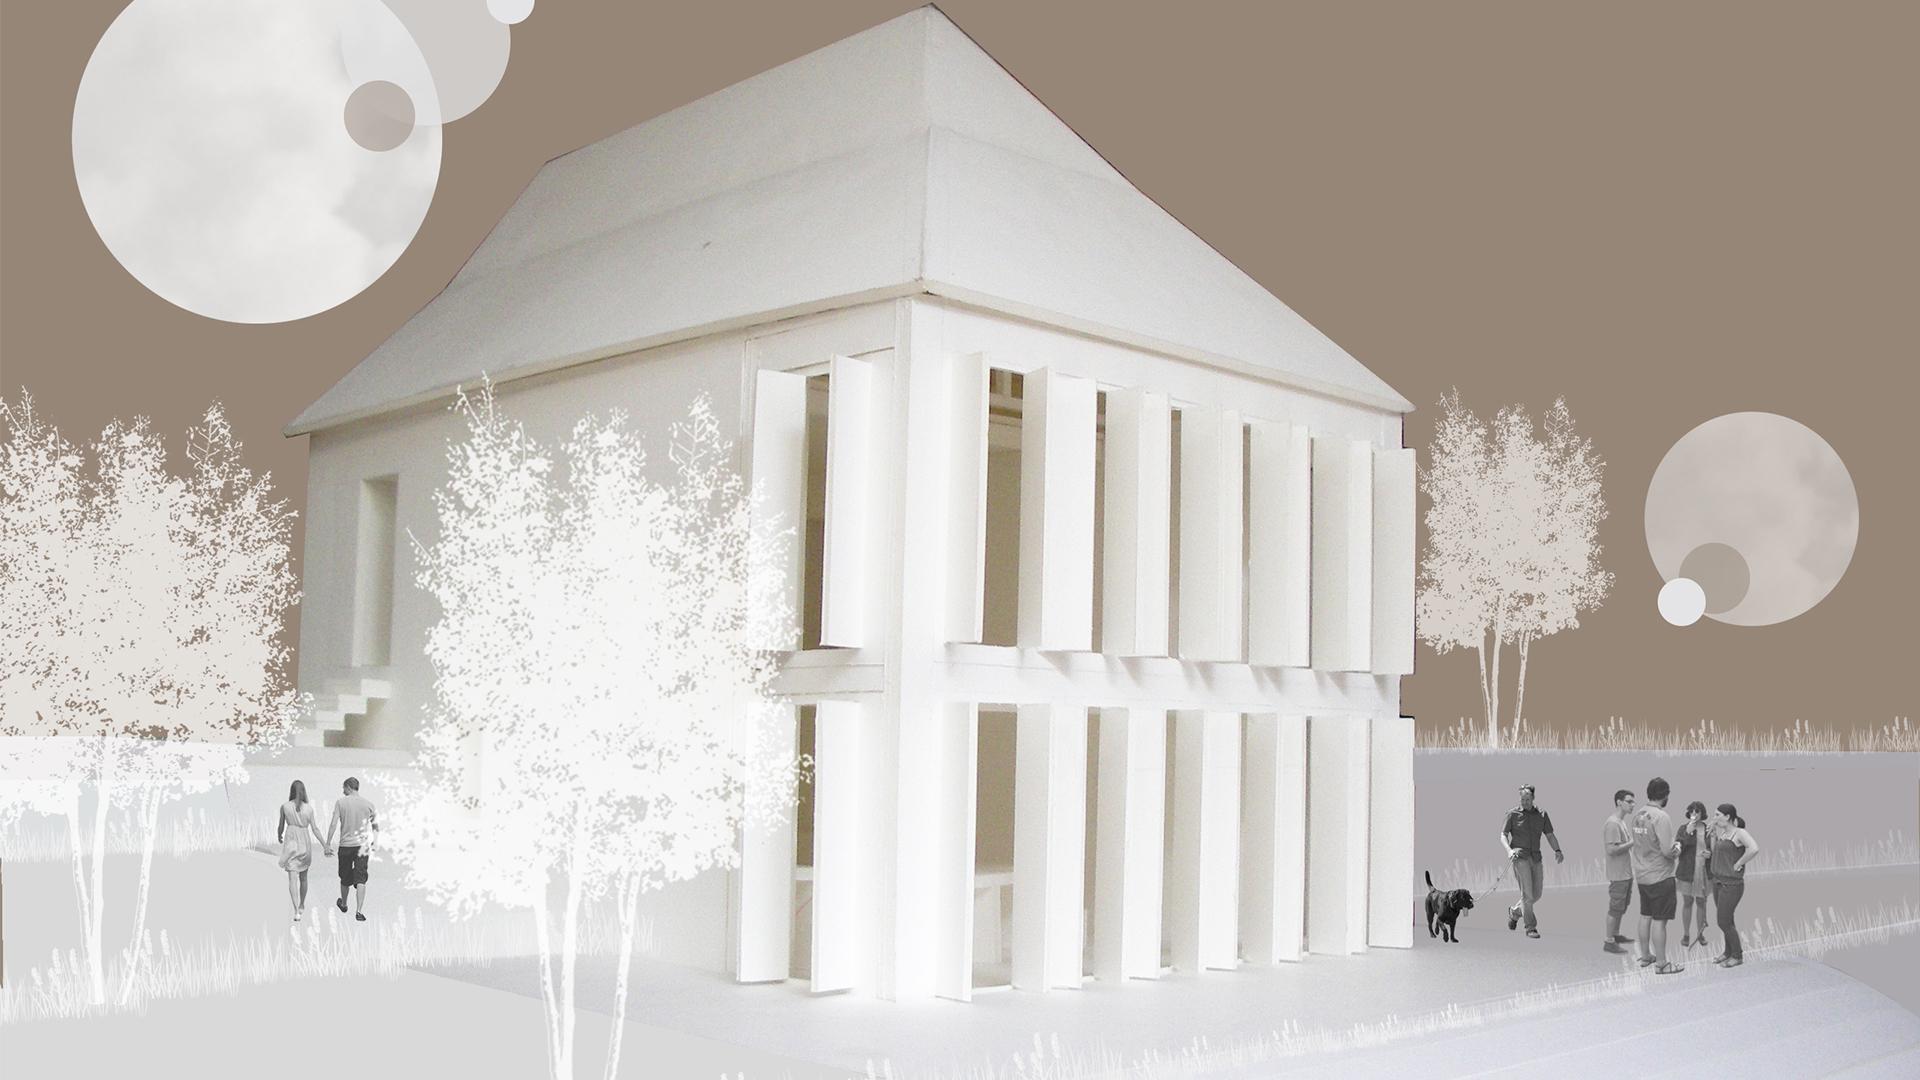 05-Seuil-Architecture-Curchod-crédit-ph.-M-Curchod